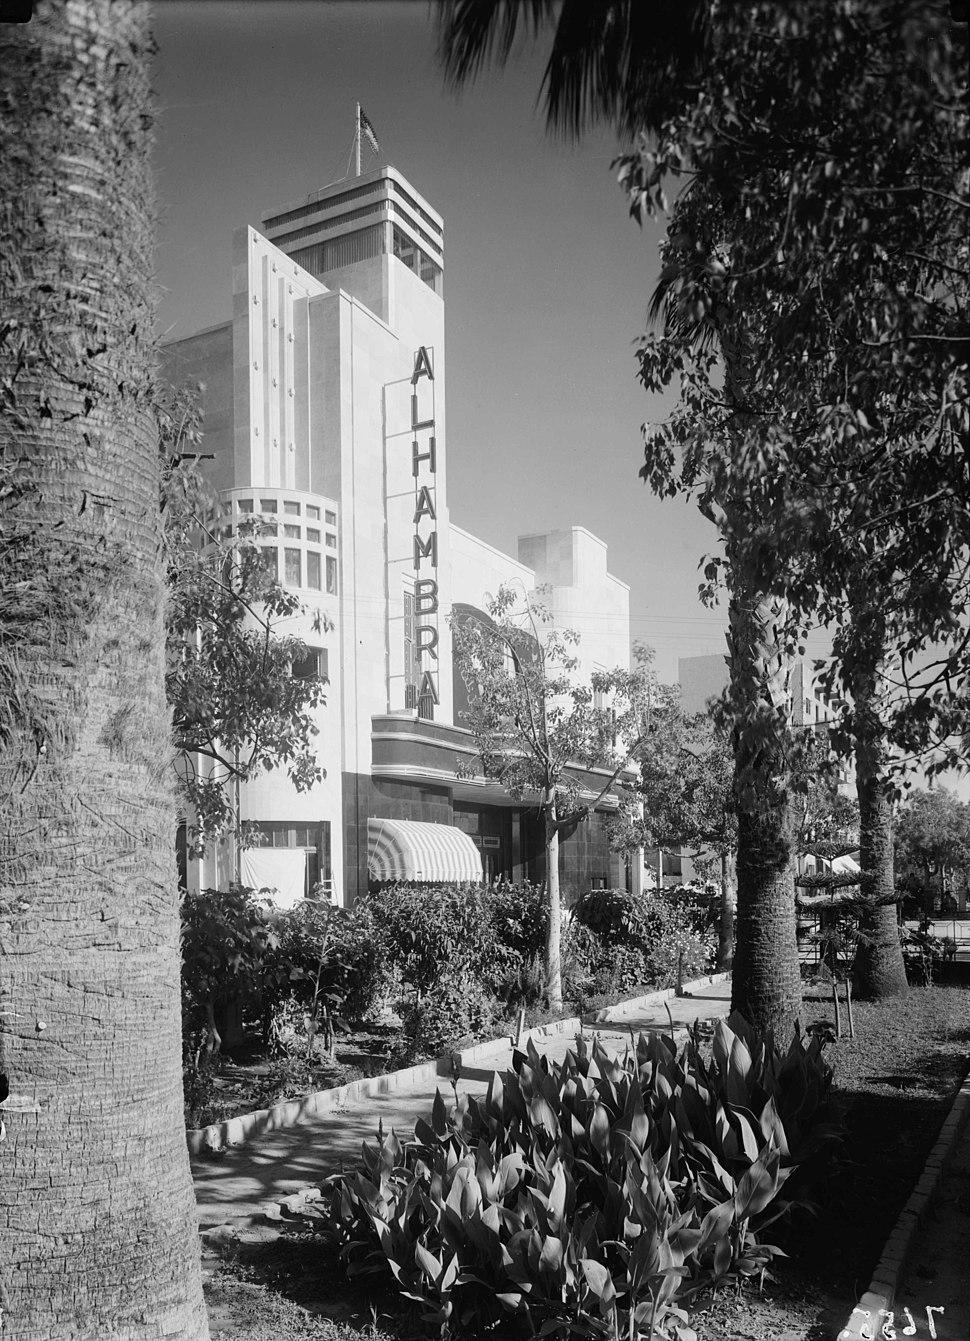 Jaffa Alhambra Cinema03561u